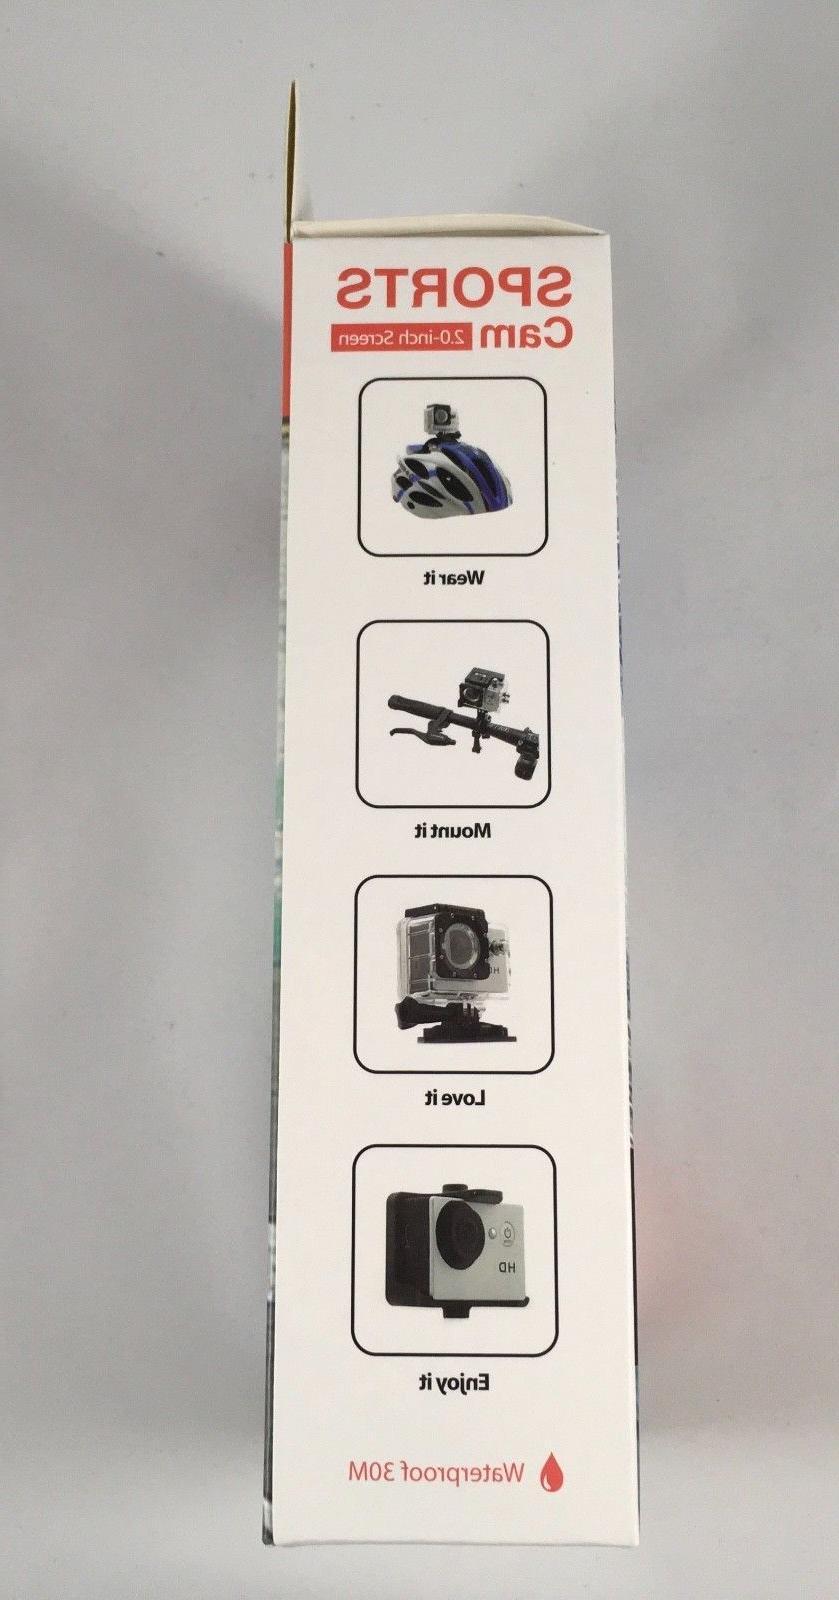 1080p HD Action Camera helmet mount